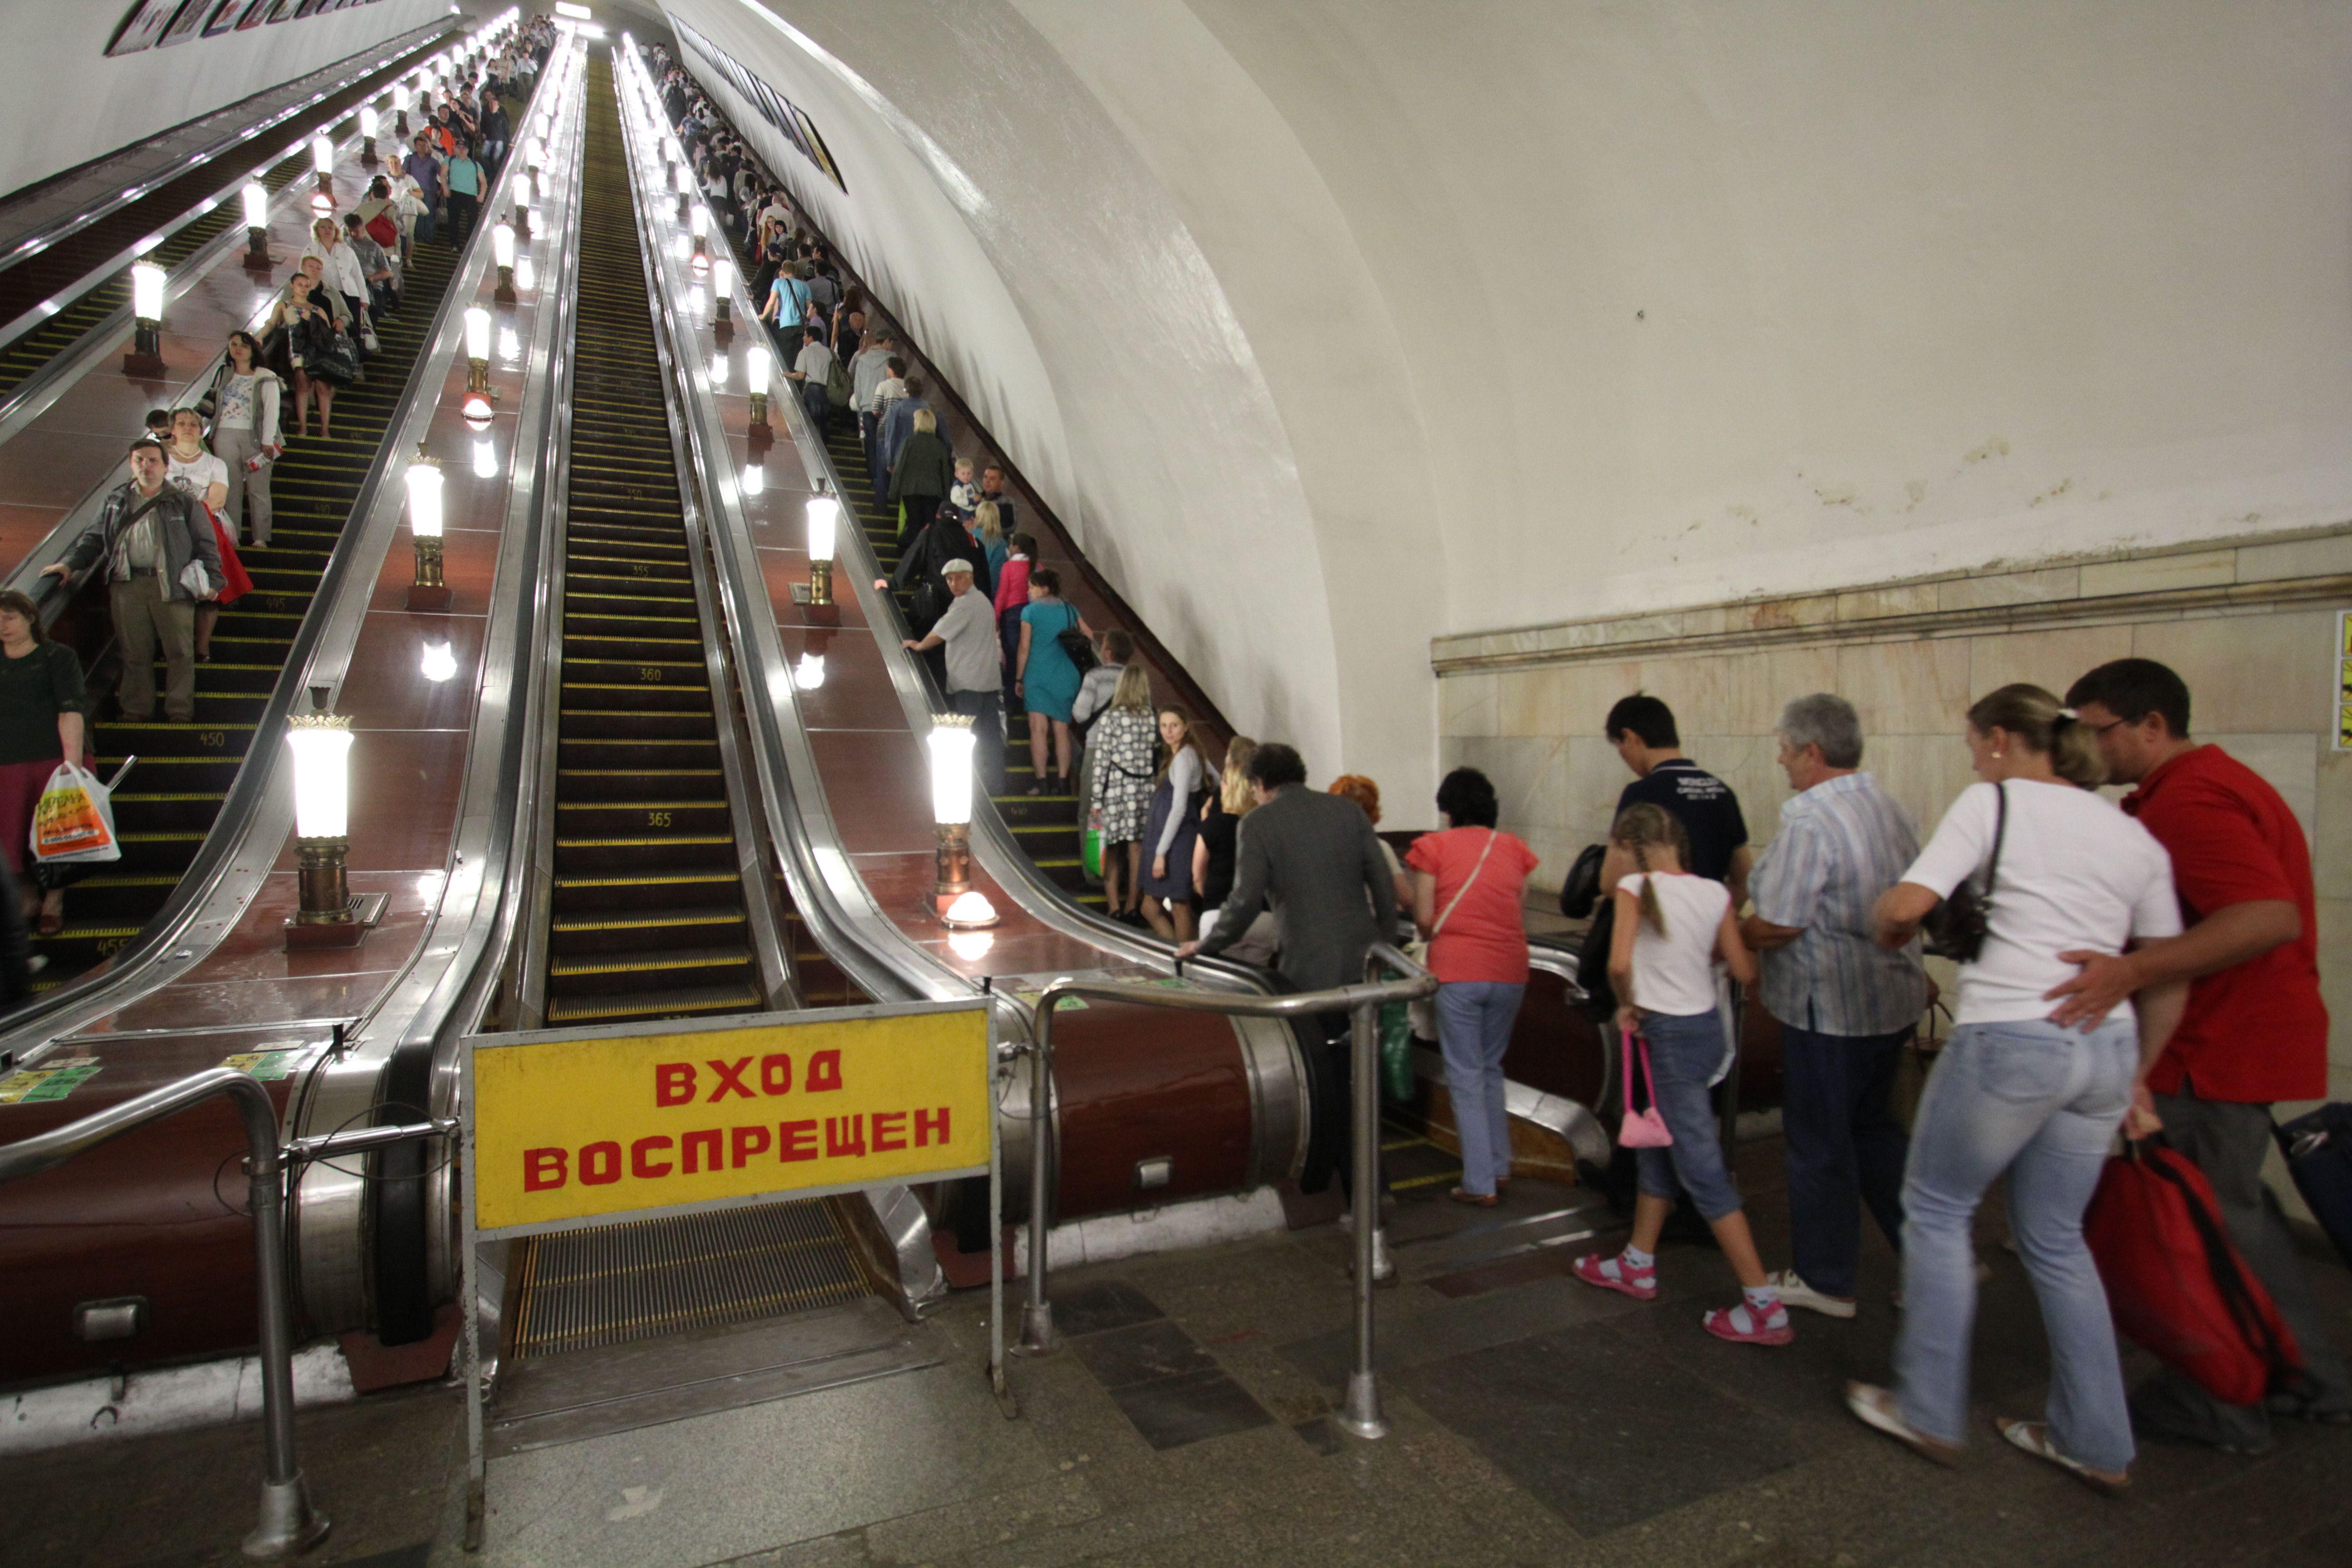 Московское метро назвало популярные места среди карманников